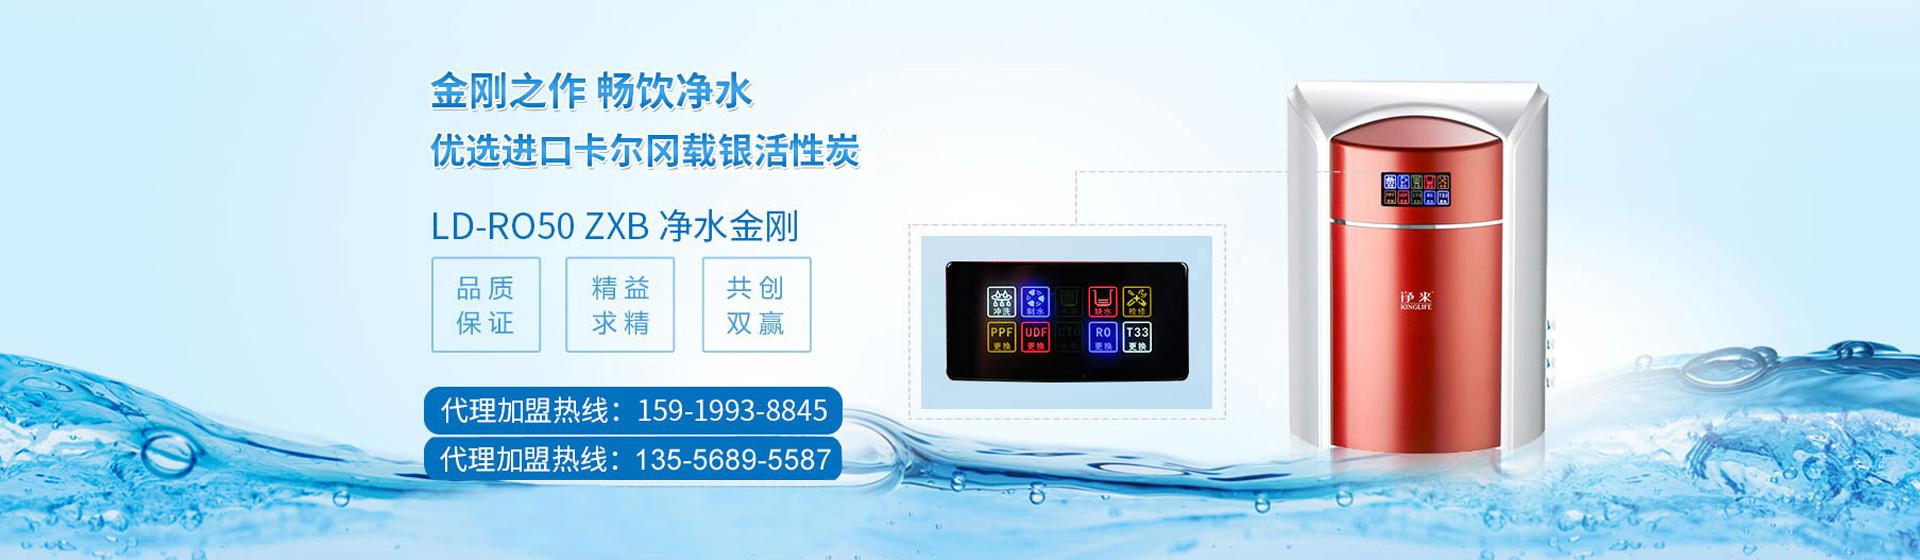 深圳市净来天祥环保科技有限公司